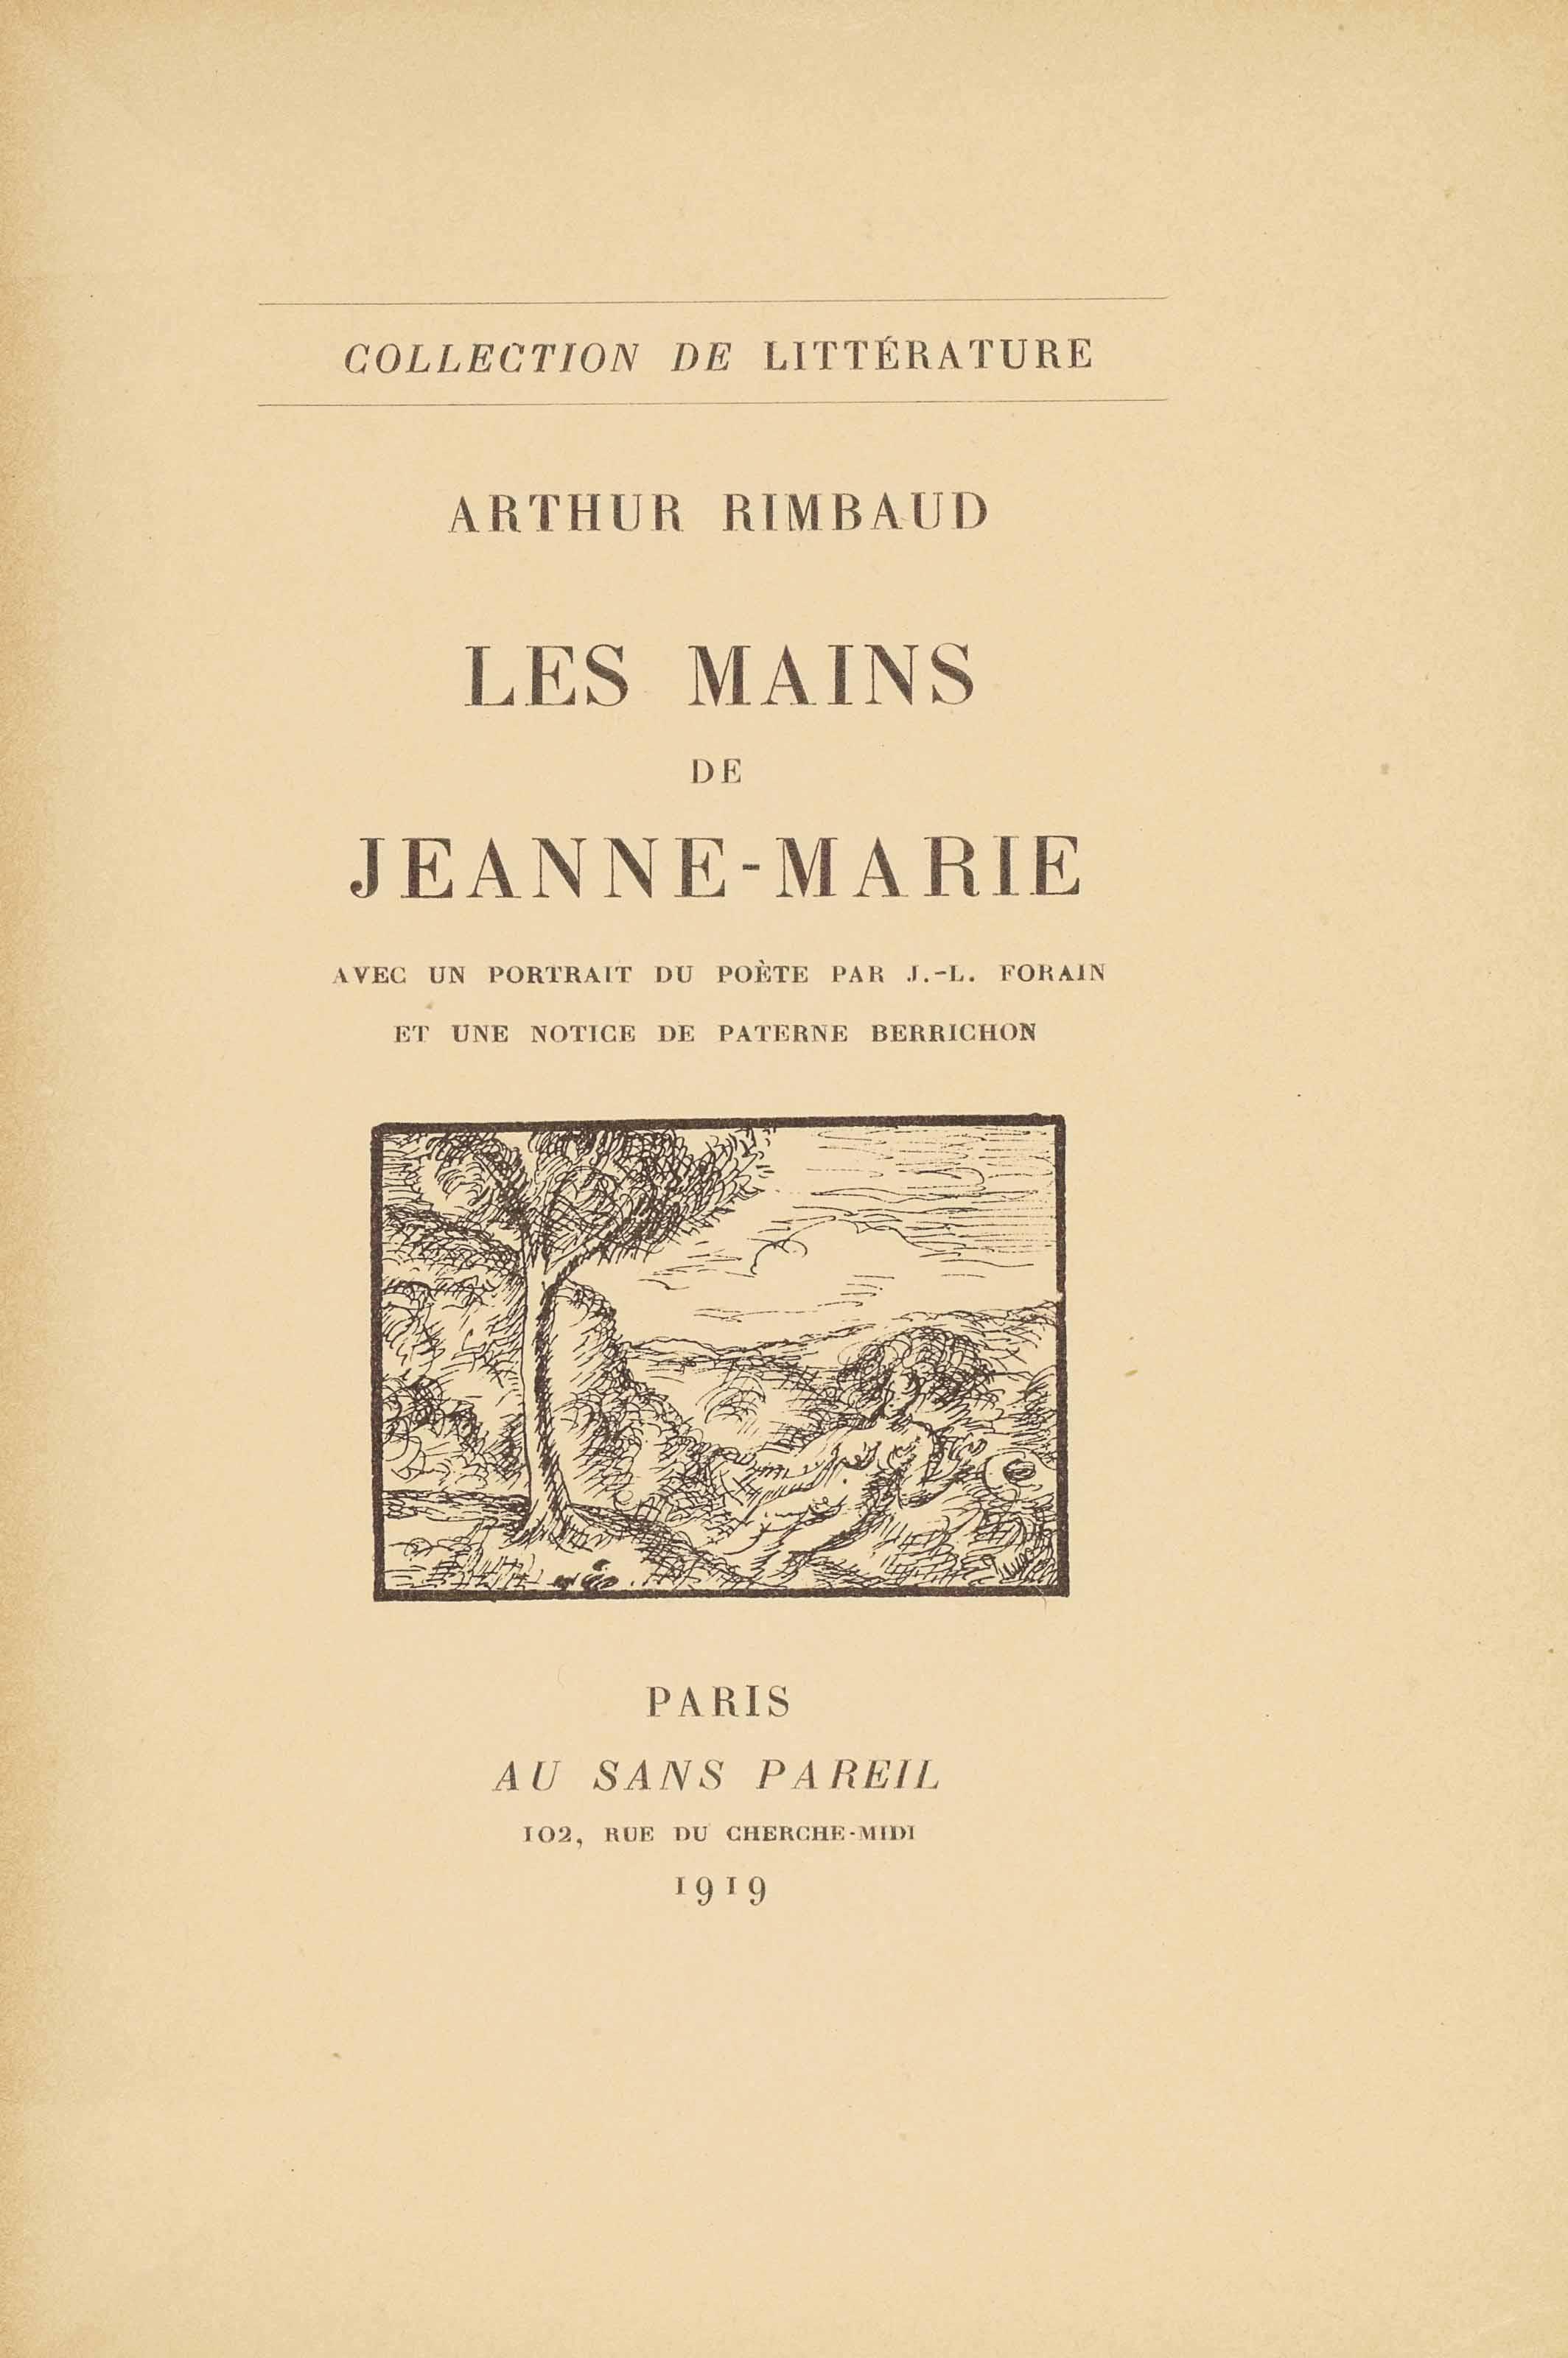 Arthur RIMBAUD. Les Mains de Jeanne-Marie. Paris: au Sans Pareil, 15 mai 1919. Petit in-8 (200 x 135 mm). Portrait-frontispice par J.-L. Forain, tiré sur Chine. Broché, étui-boîte demi-maroquin bleu signé Loutrel.